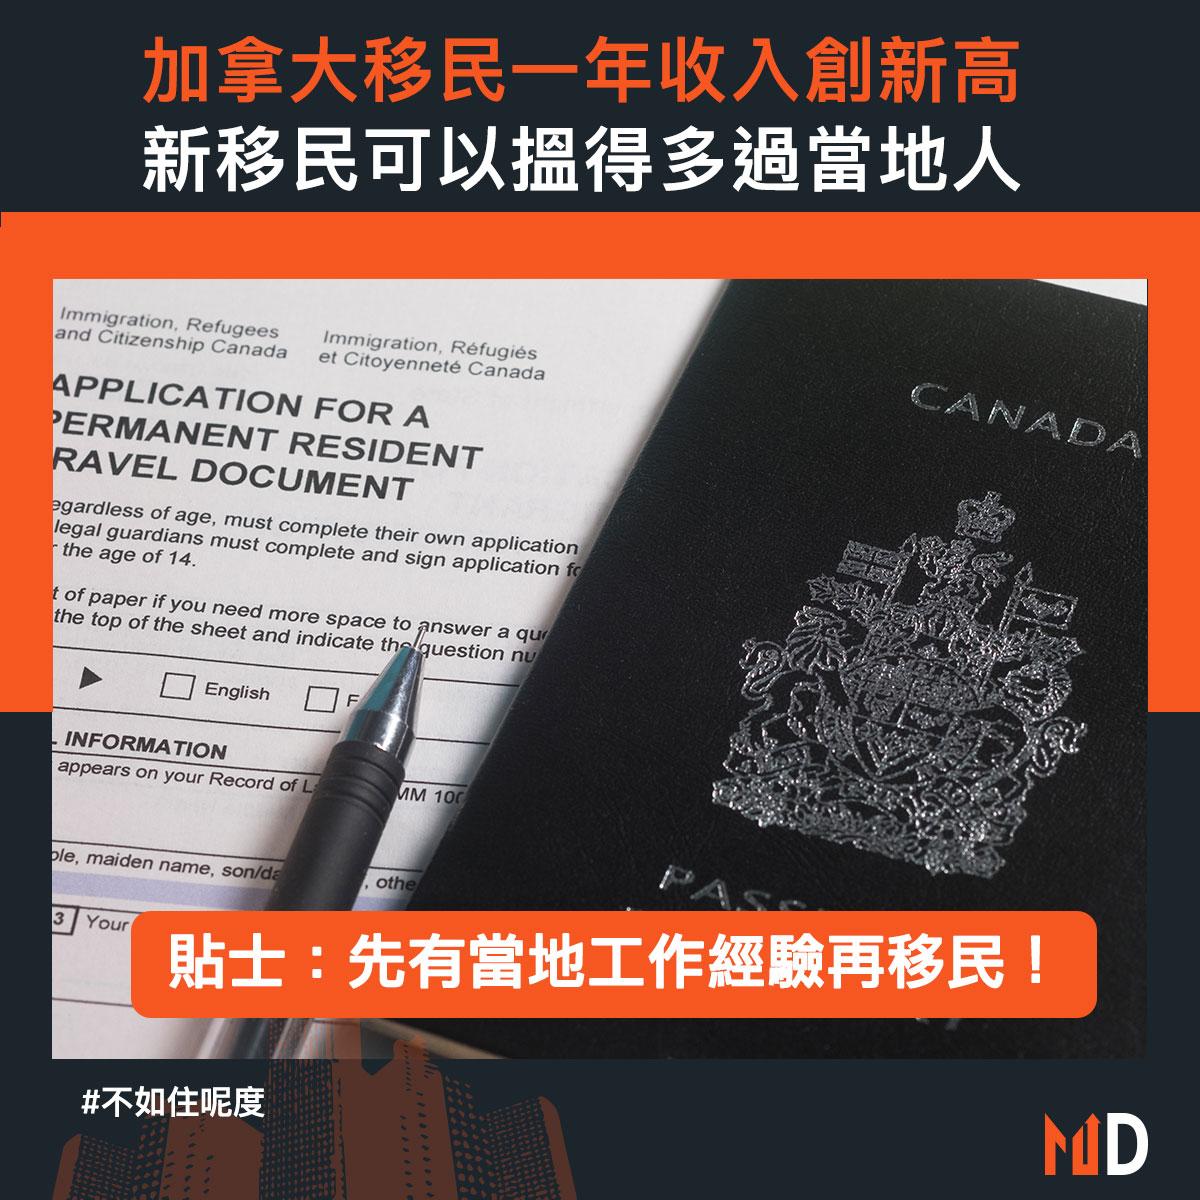 【不如住呢度】加拿大移民一年收入創新高,有新移民搵得多過當地人